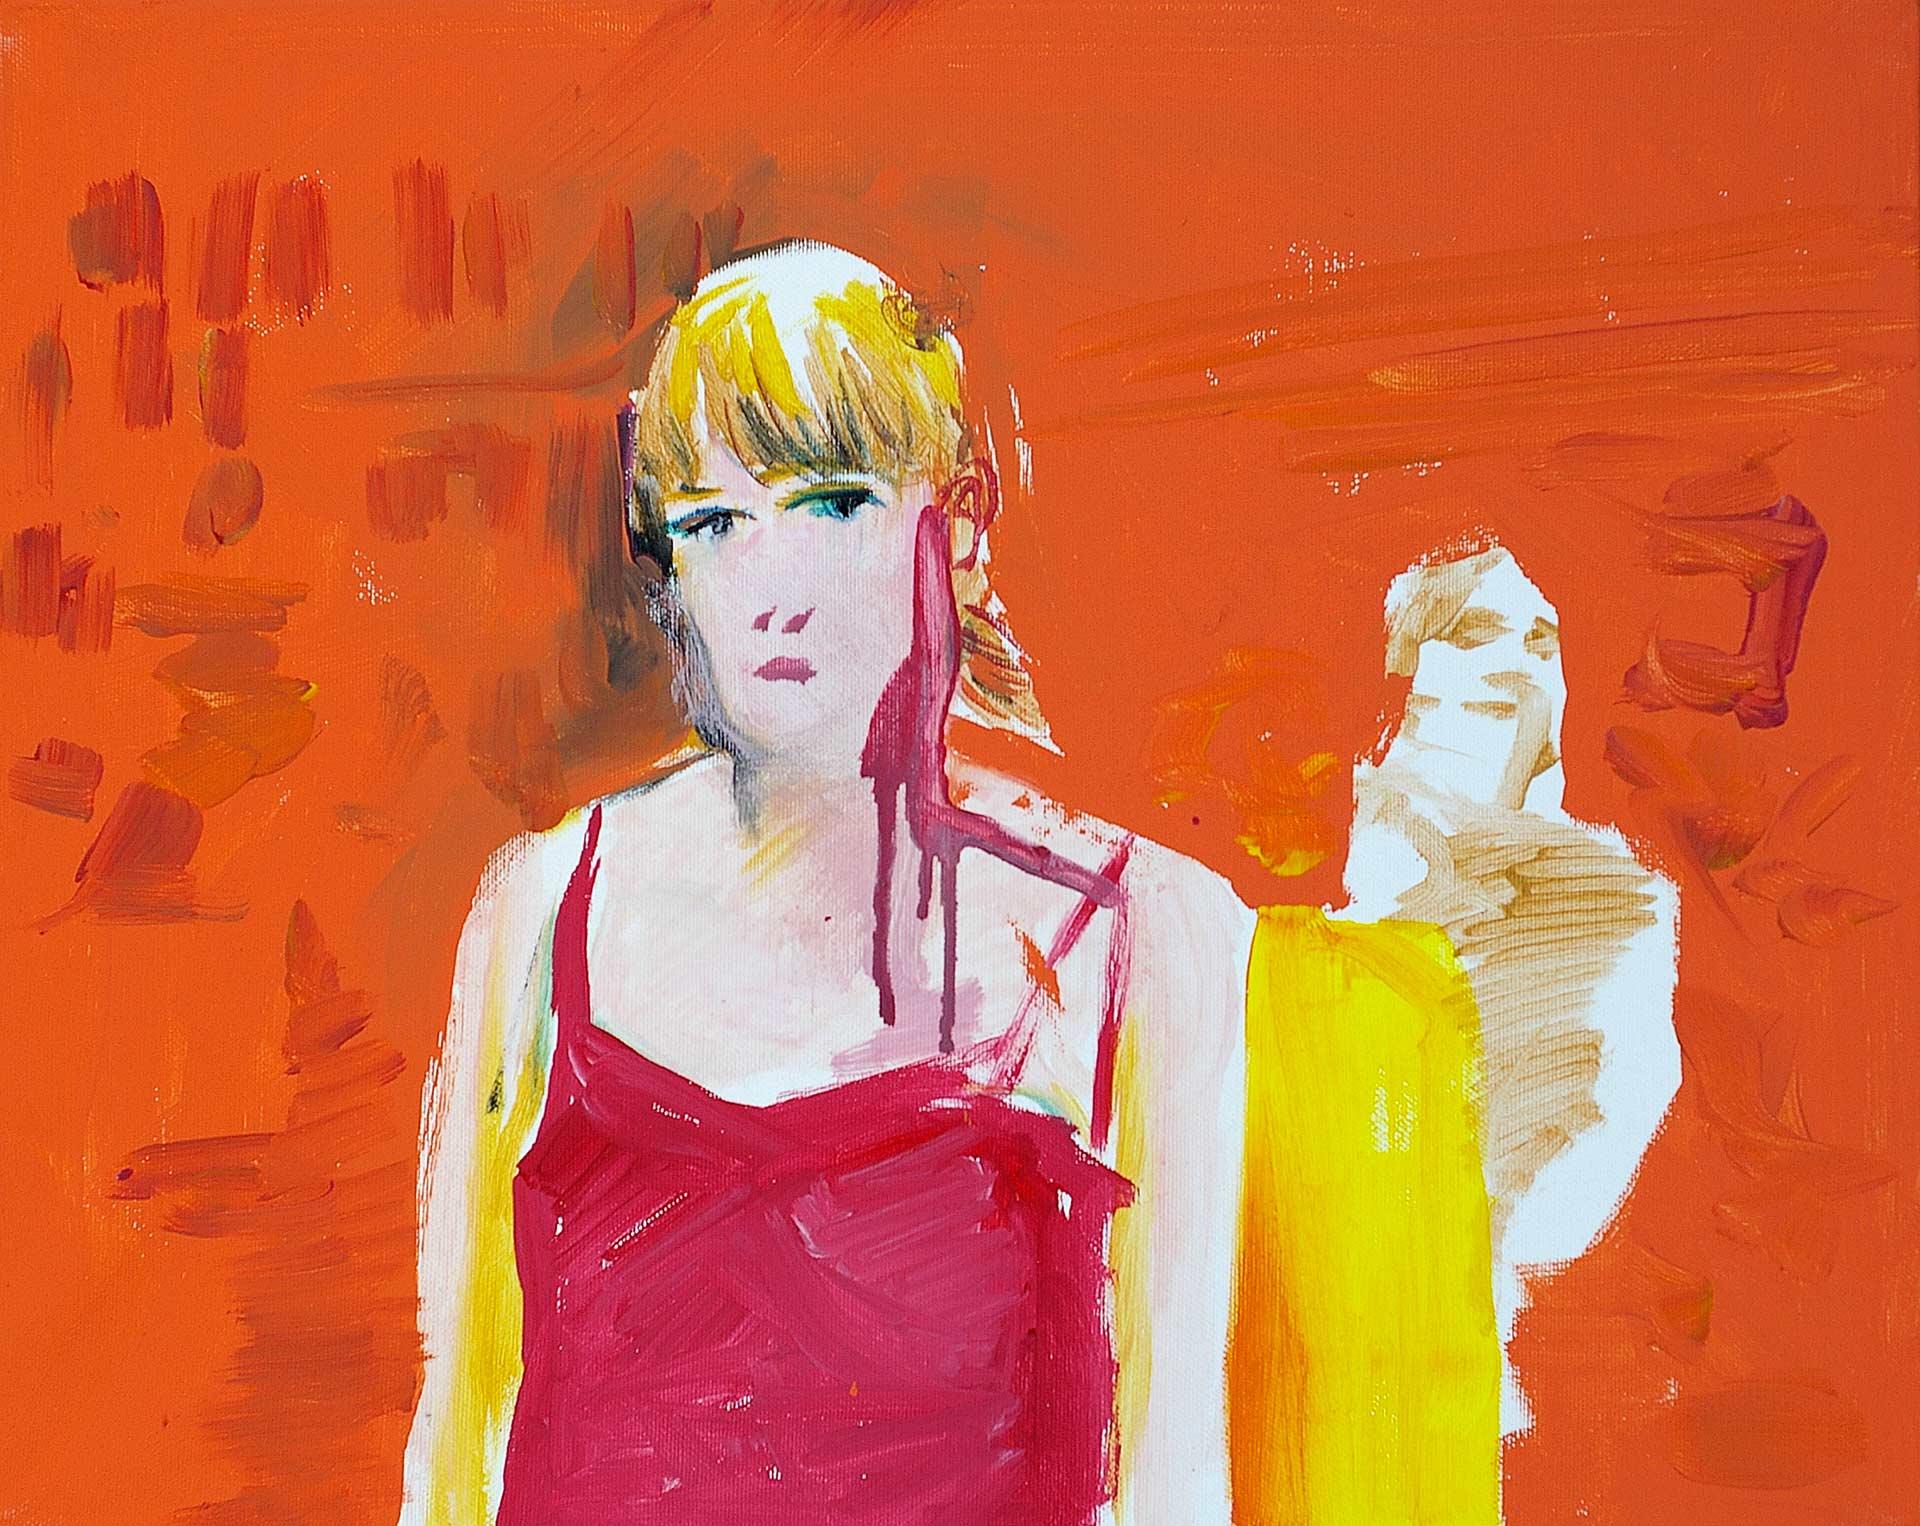 UP1105 (LB) 2011, acrylic on canvas, cm. 40 x 50.